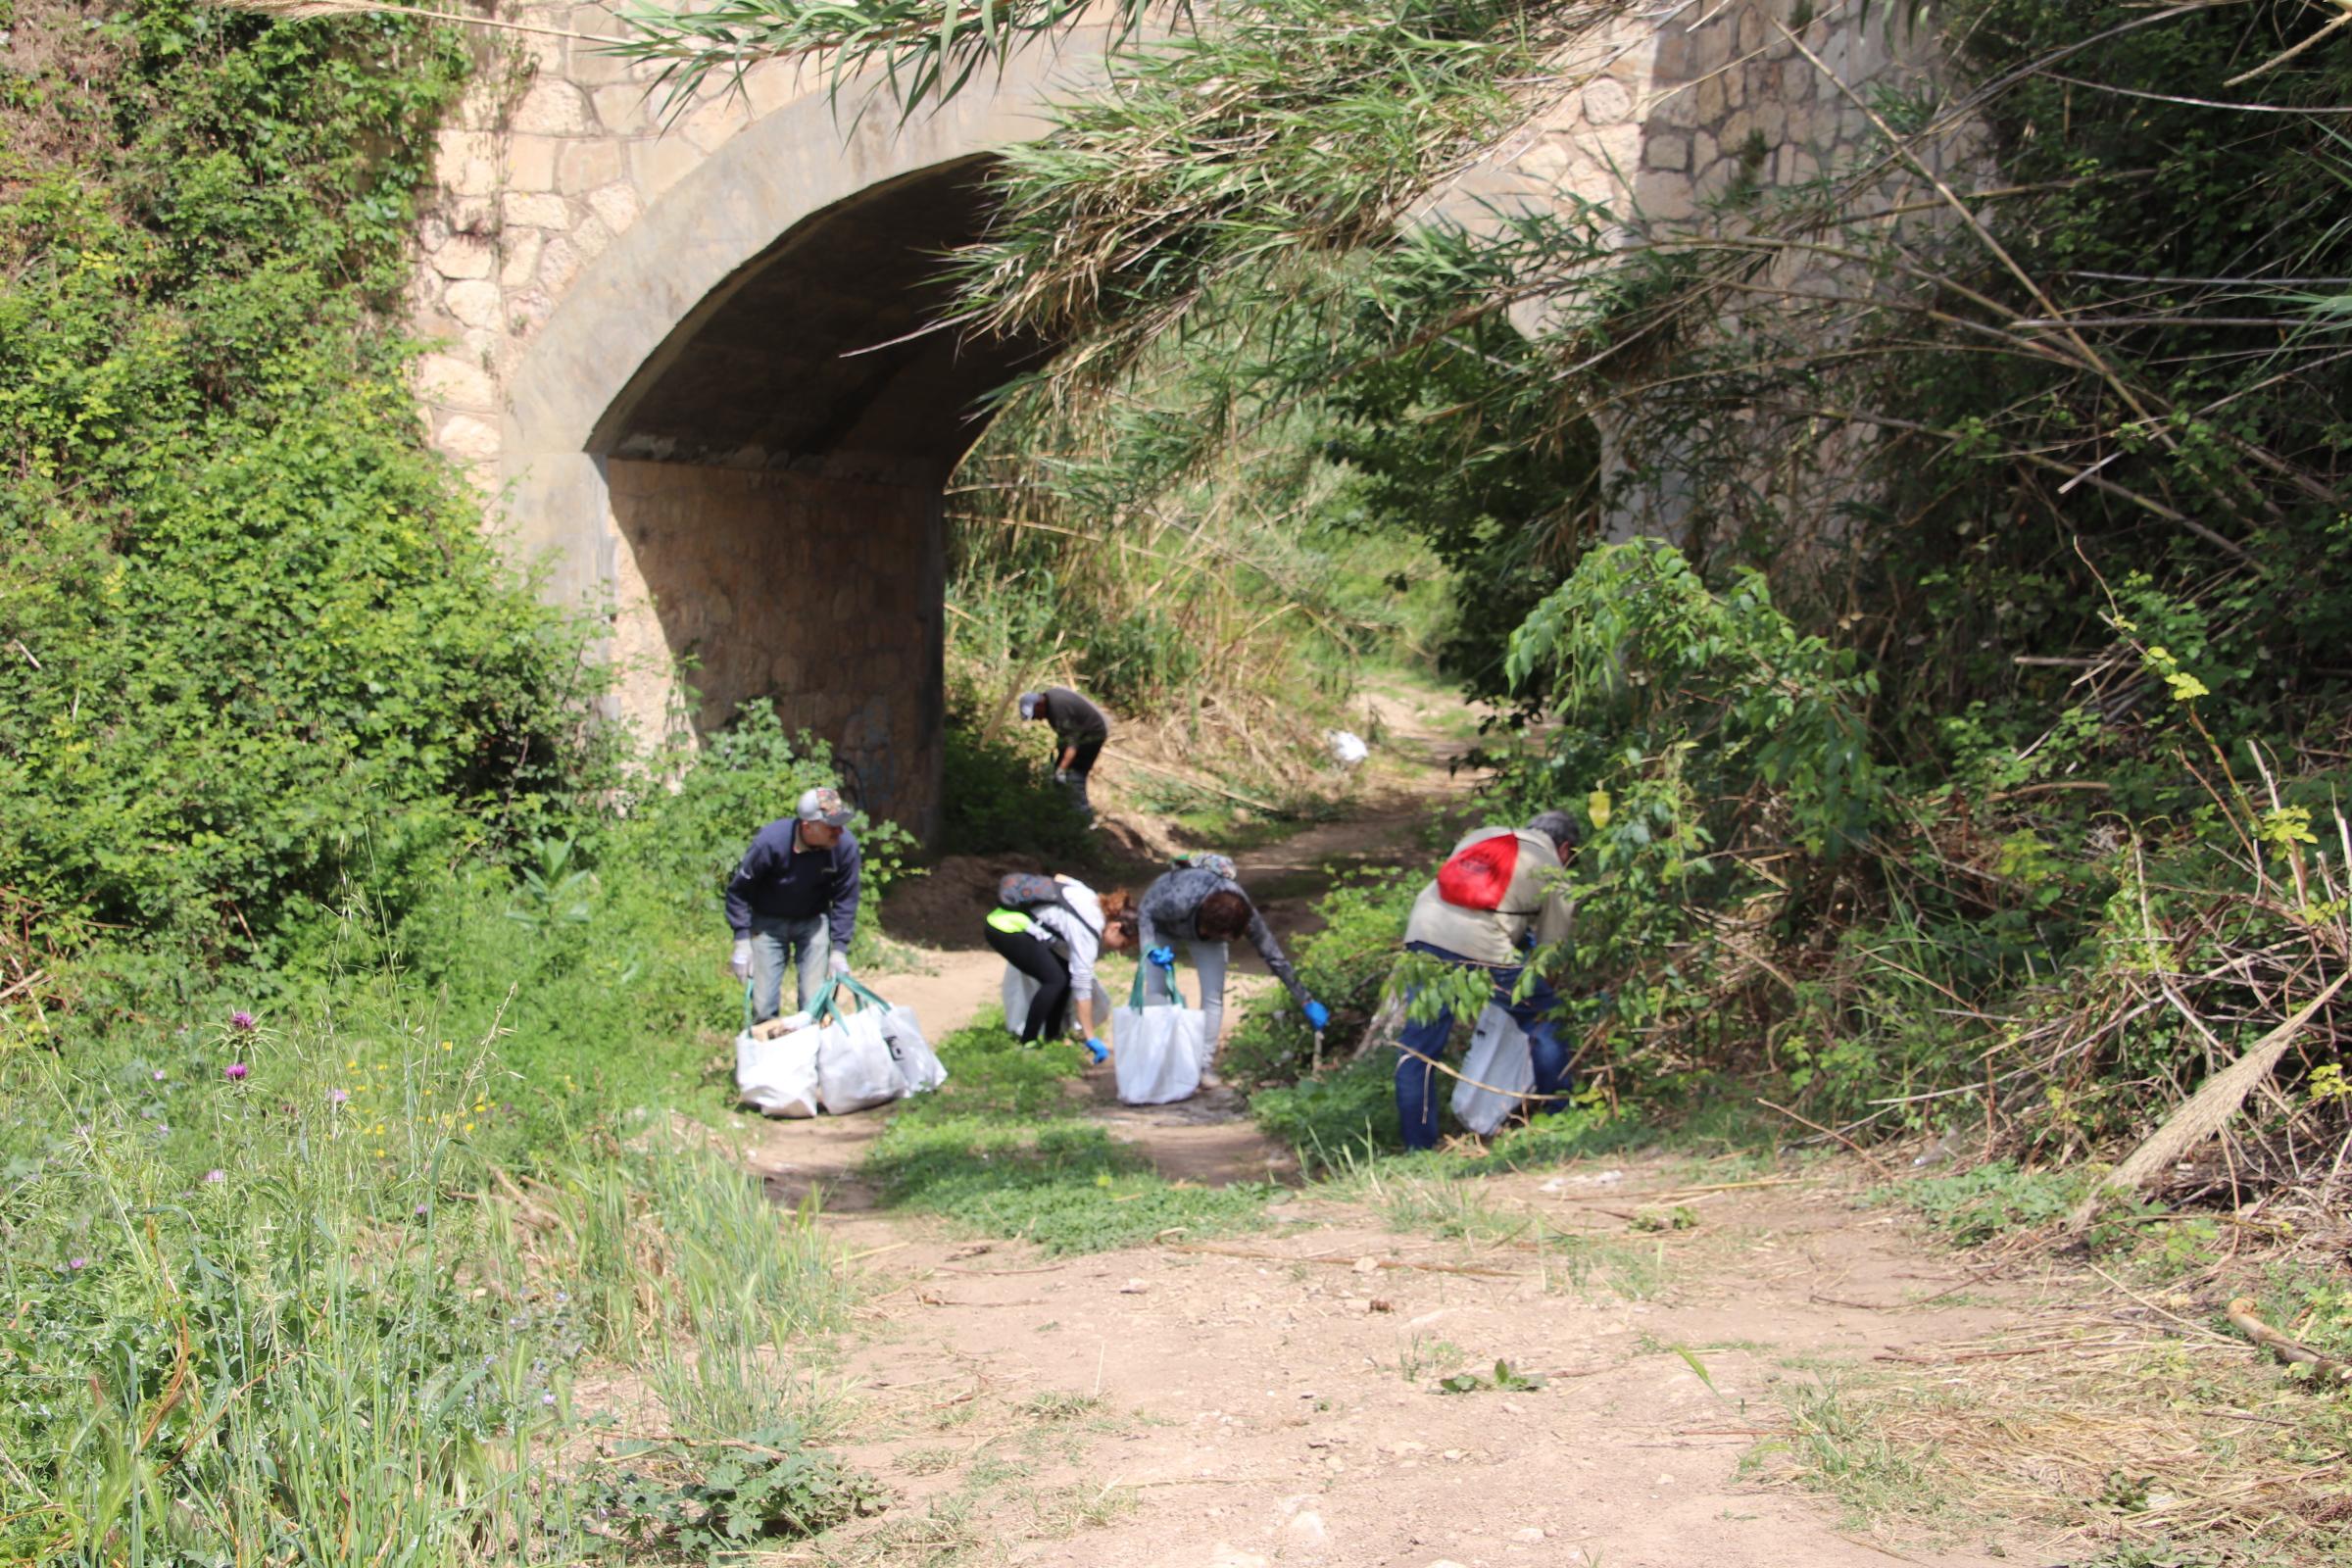 Aquest dissabte s'han recollit més de 15 bosses de residus del torrent en el marc de l'European Clean Up Day